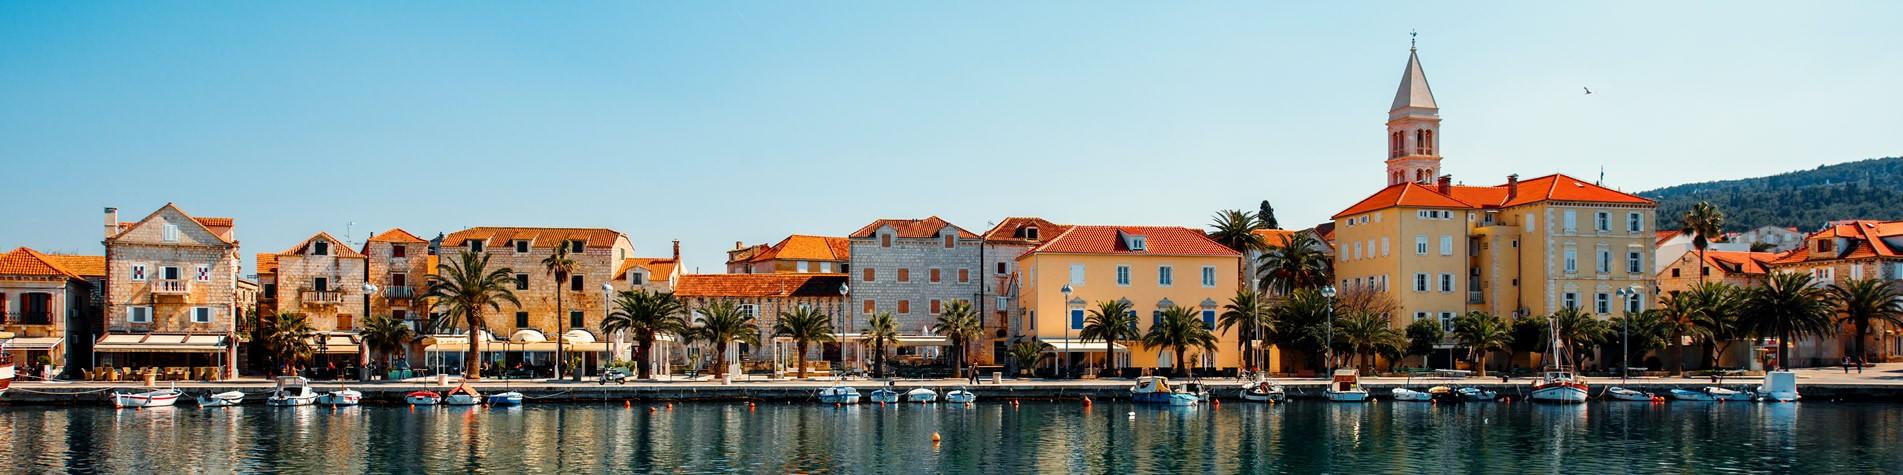 Brac Island Dalmatia Holidays Specialists